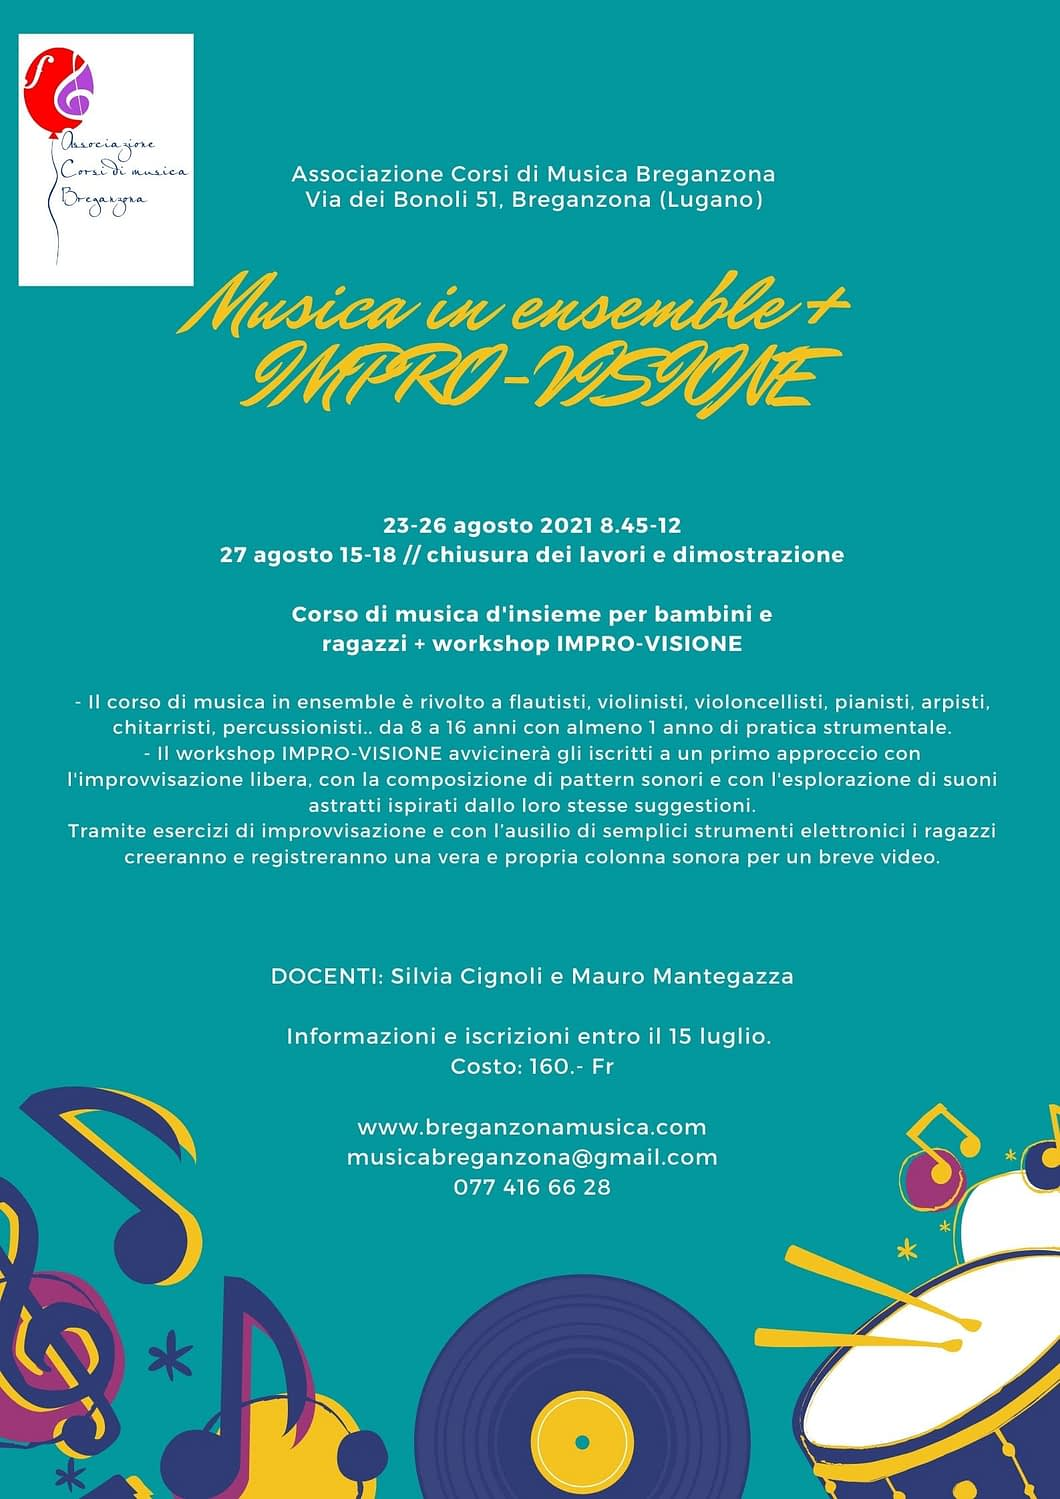 corso estivo 2021 Associazione Corsi di Musica Breganzona